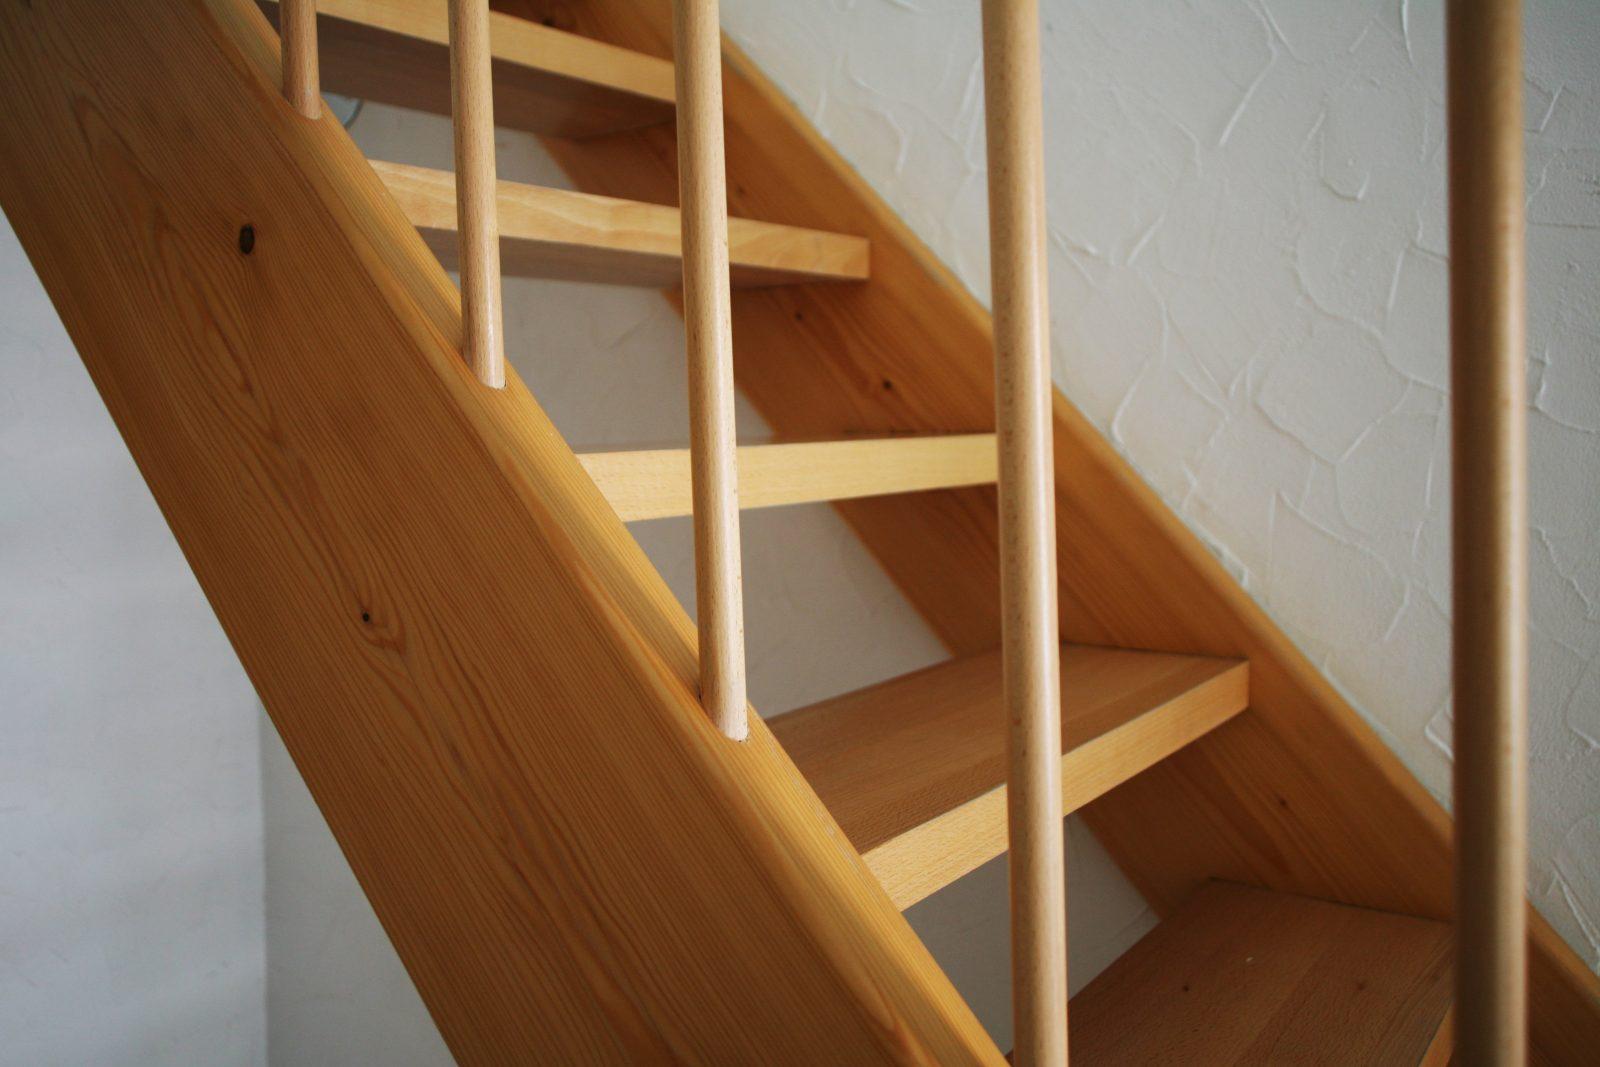 Gefahren Mindern Kindersicherung Für Treppen von Kindersicherung Treppe Selber Bauen Bild